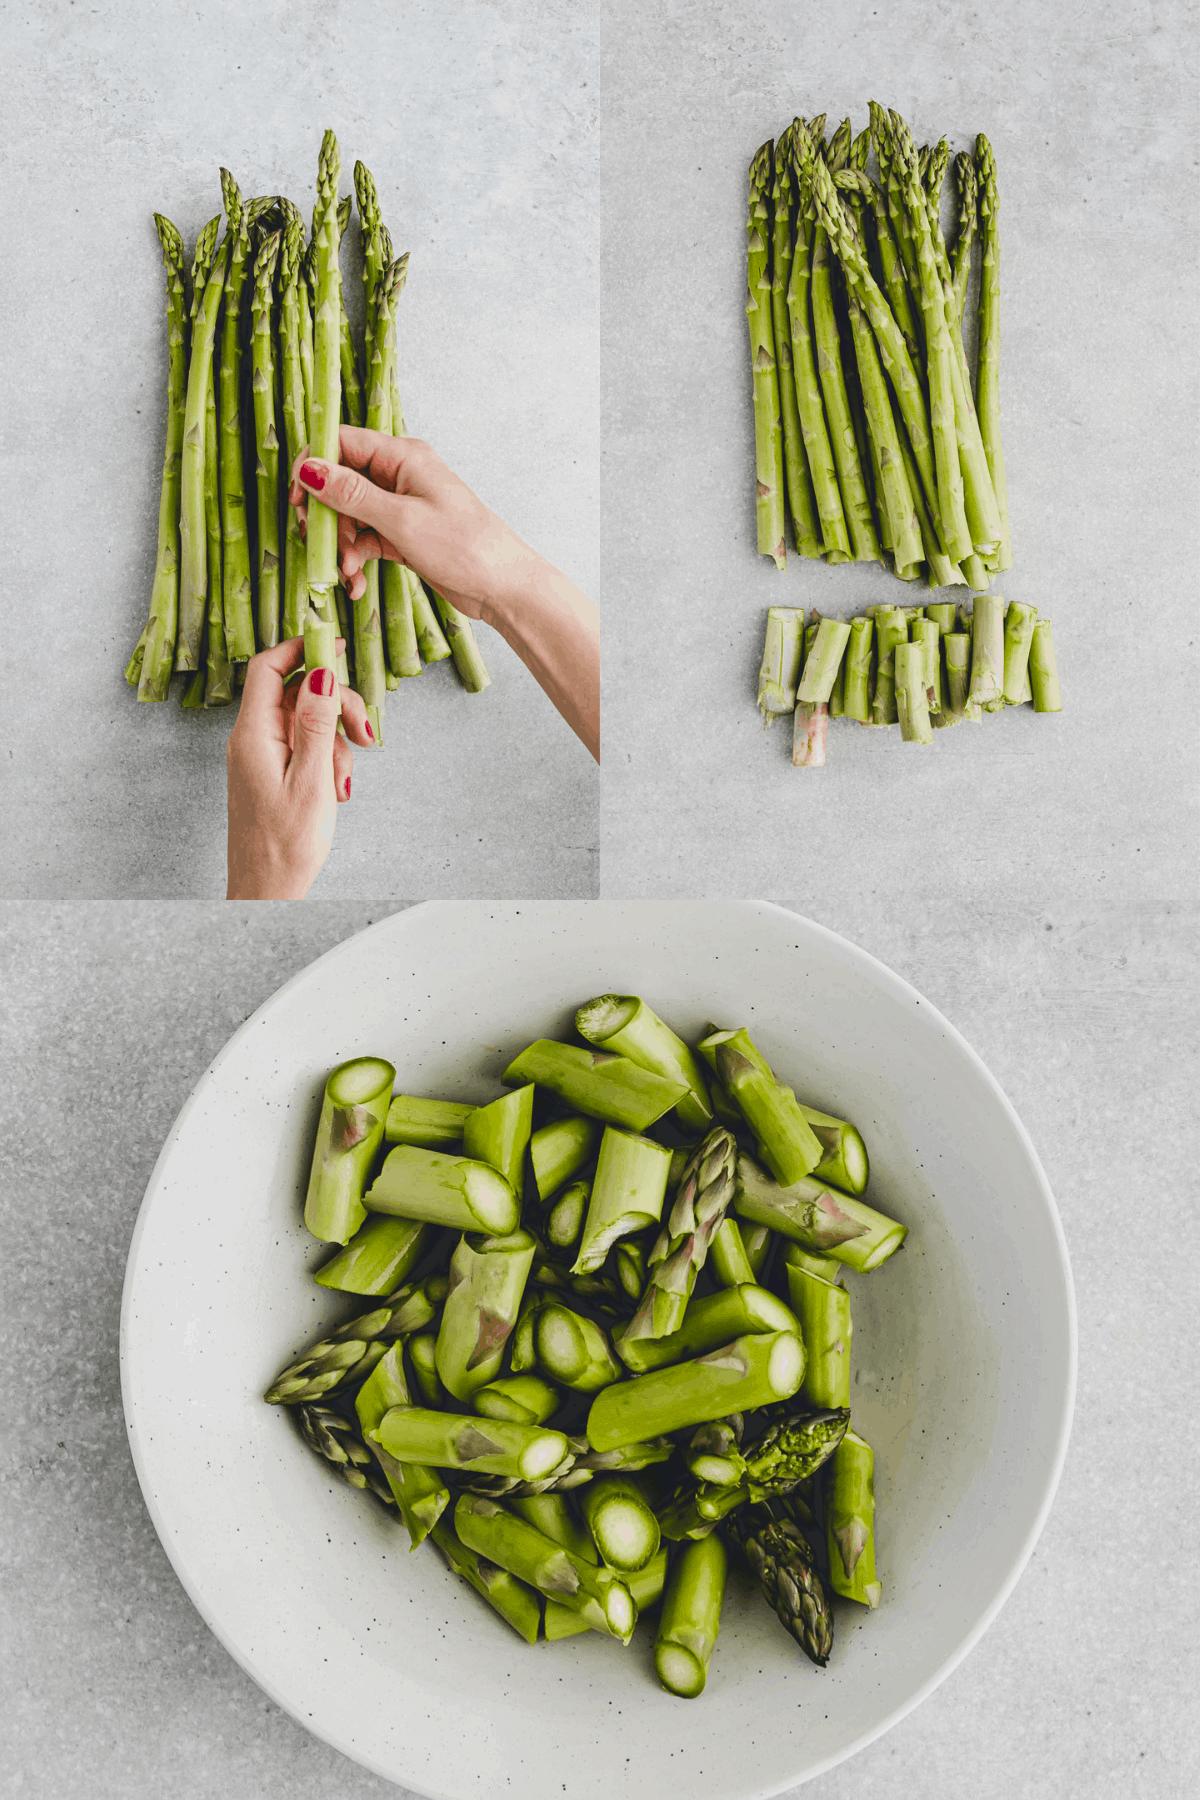 Asparagus Carbonara Recipe Step 1-3